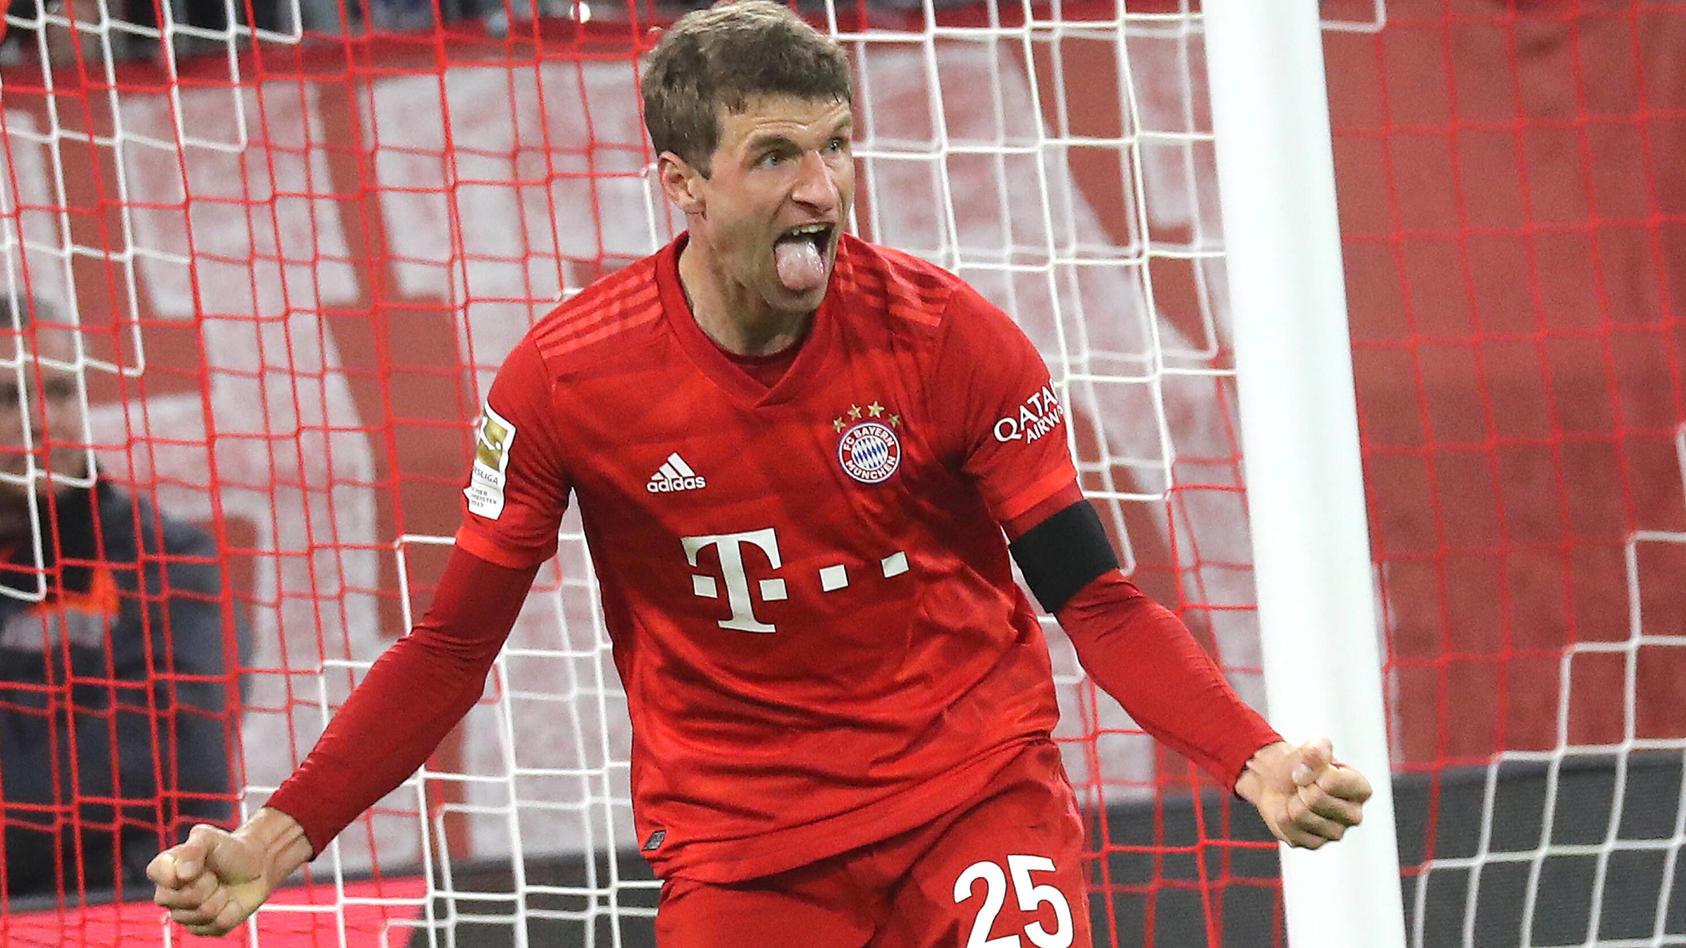 FC Bayern - Schalke 04 Thomas Müller erzielt das 2:0 für den FC Bayern und jubelt München Bayern Deutschland Allianz Ar